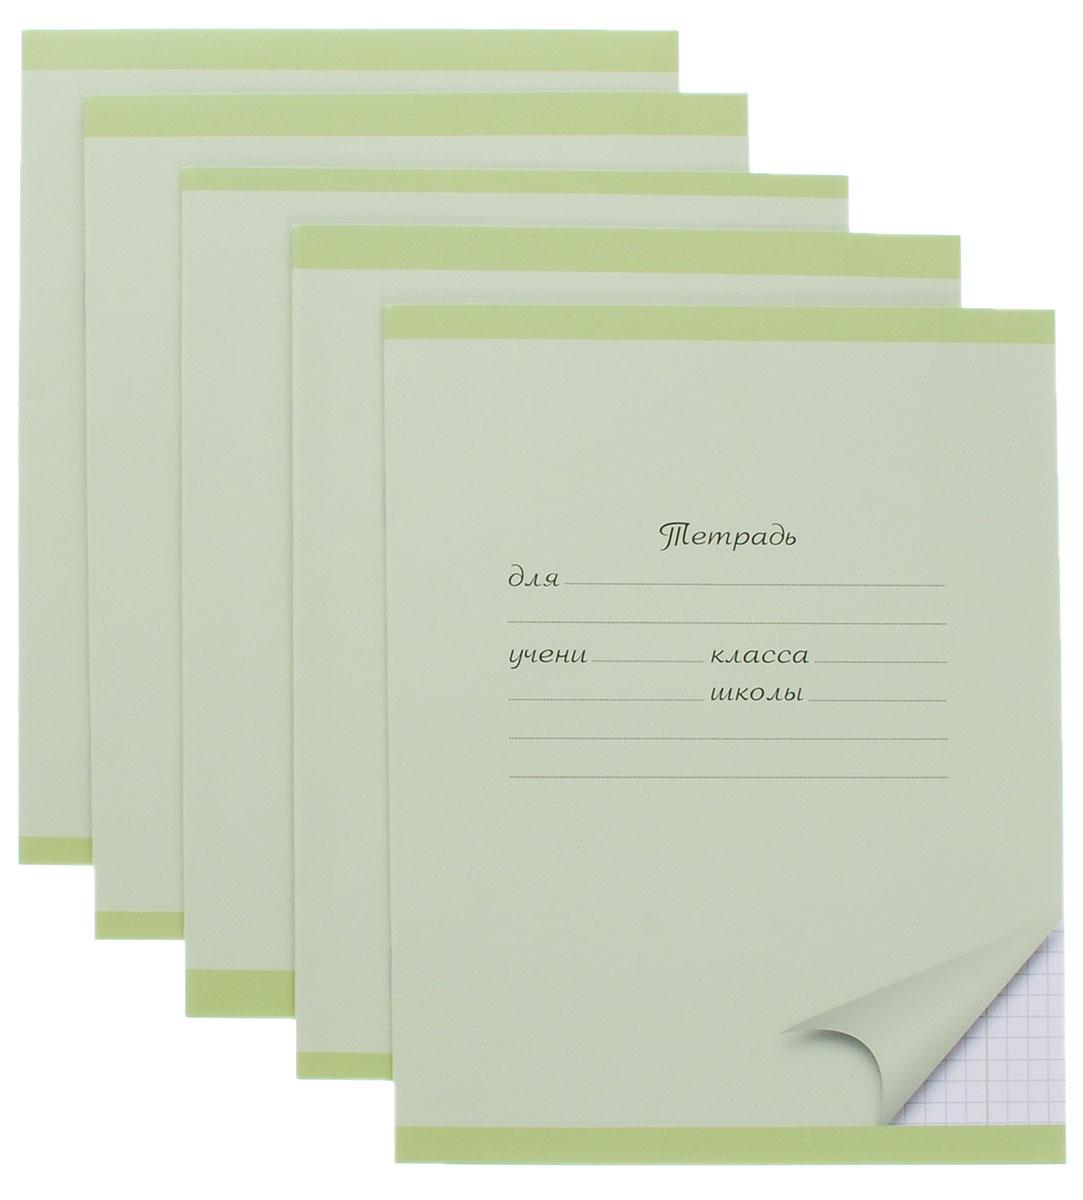 Action! Набор тетрадей 12 листов в клетку цвет зеленый 5 штAN 1201/5M_св.зелёныйКомплект тетрадей Action! включает в себя 5 тетрадей.Обложка каждой тетради изготовлена из мелованного картона. На задней стороне обложки тетради представлена таблица умножения. Внутренний блок состоит из 12 листов белой бумаги, соединенных скрепками. Стандартная линовка в голубую клетку дополнена полями, совпадающими с лицевой и оборотной стороны листа.Уважаемые клиенты! Обращаем ваше внимание на ассортимент в дизайне товара. Поставка возможна в одном из вариантов нижеприведенных дизайнов, в зависимости от наличия на складе.